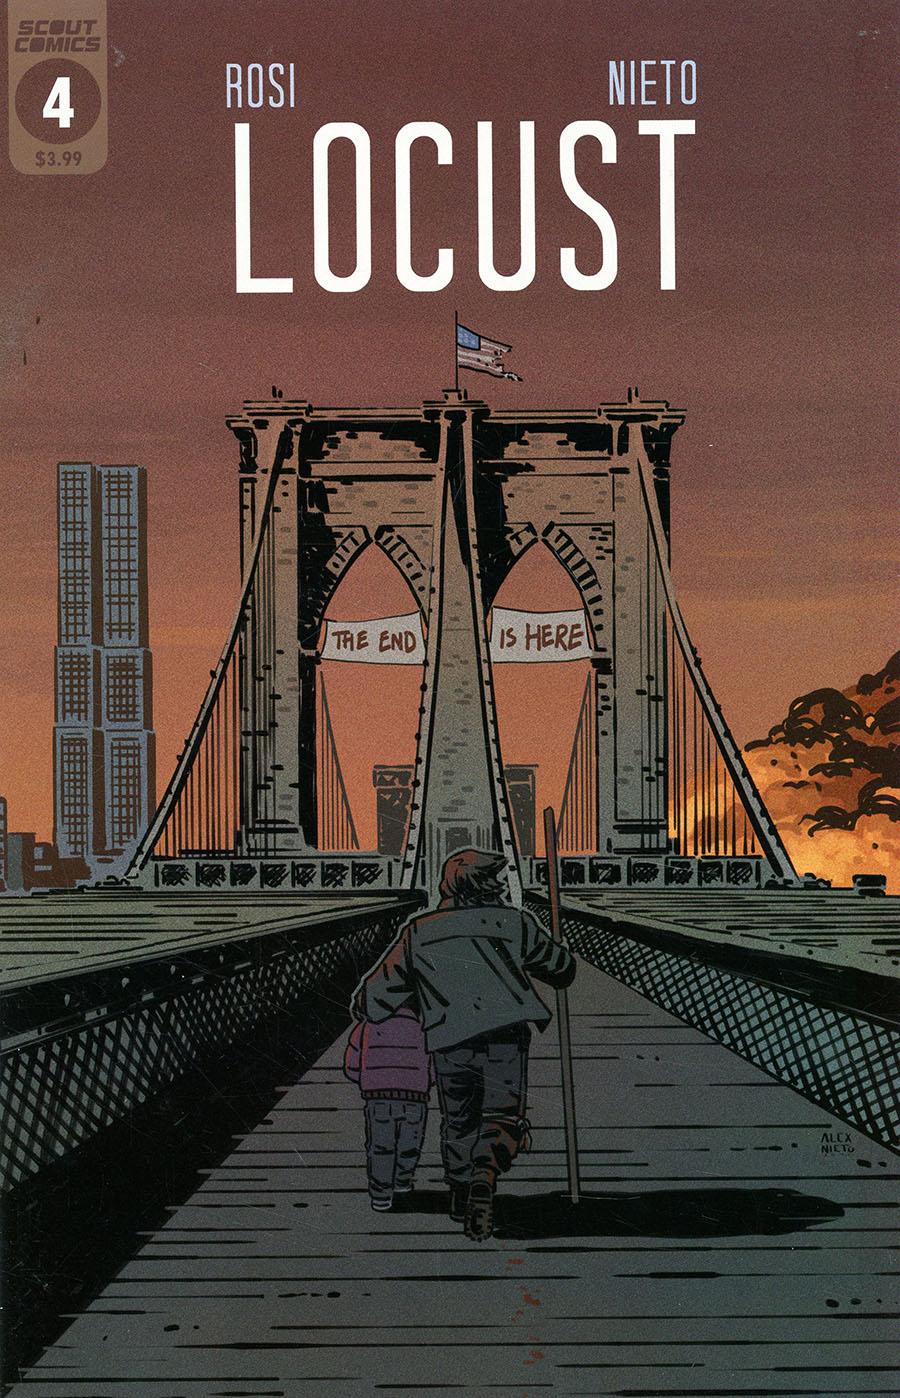 Locust #4